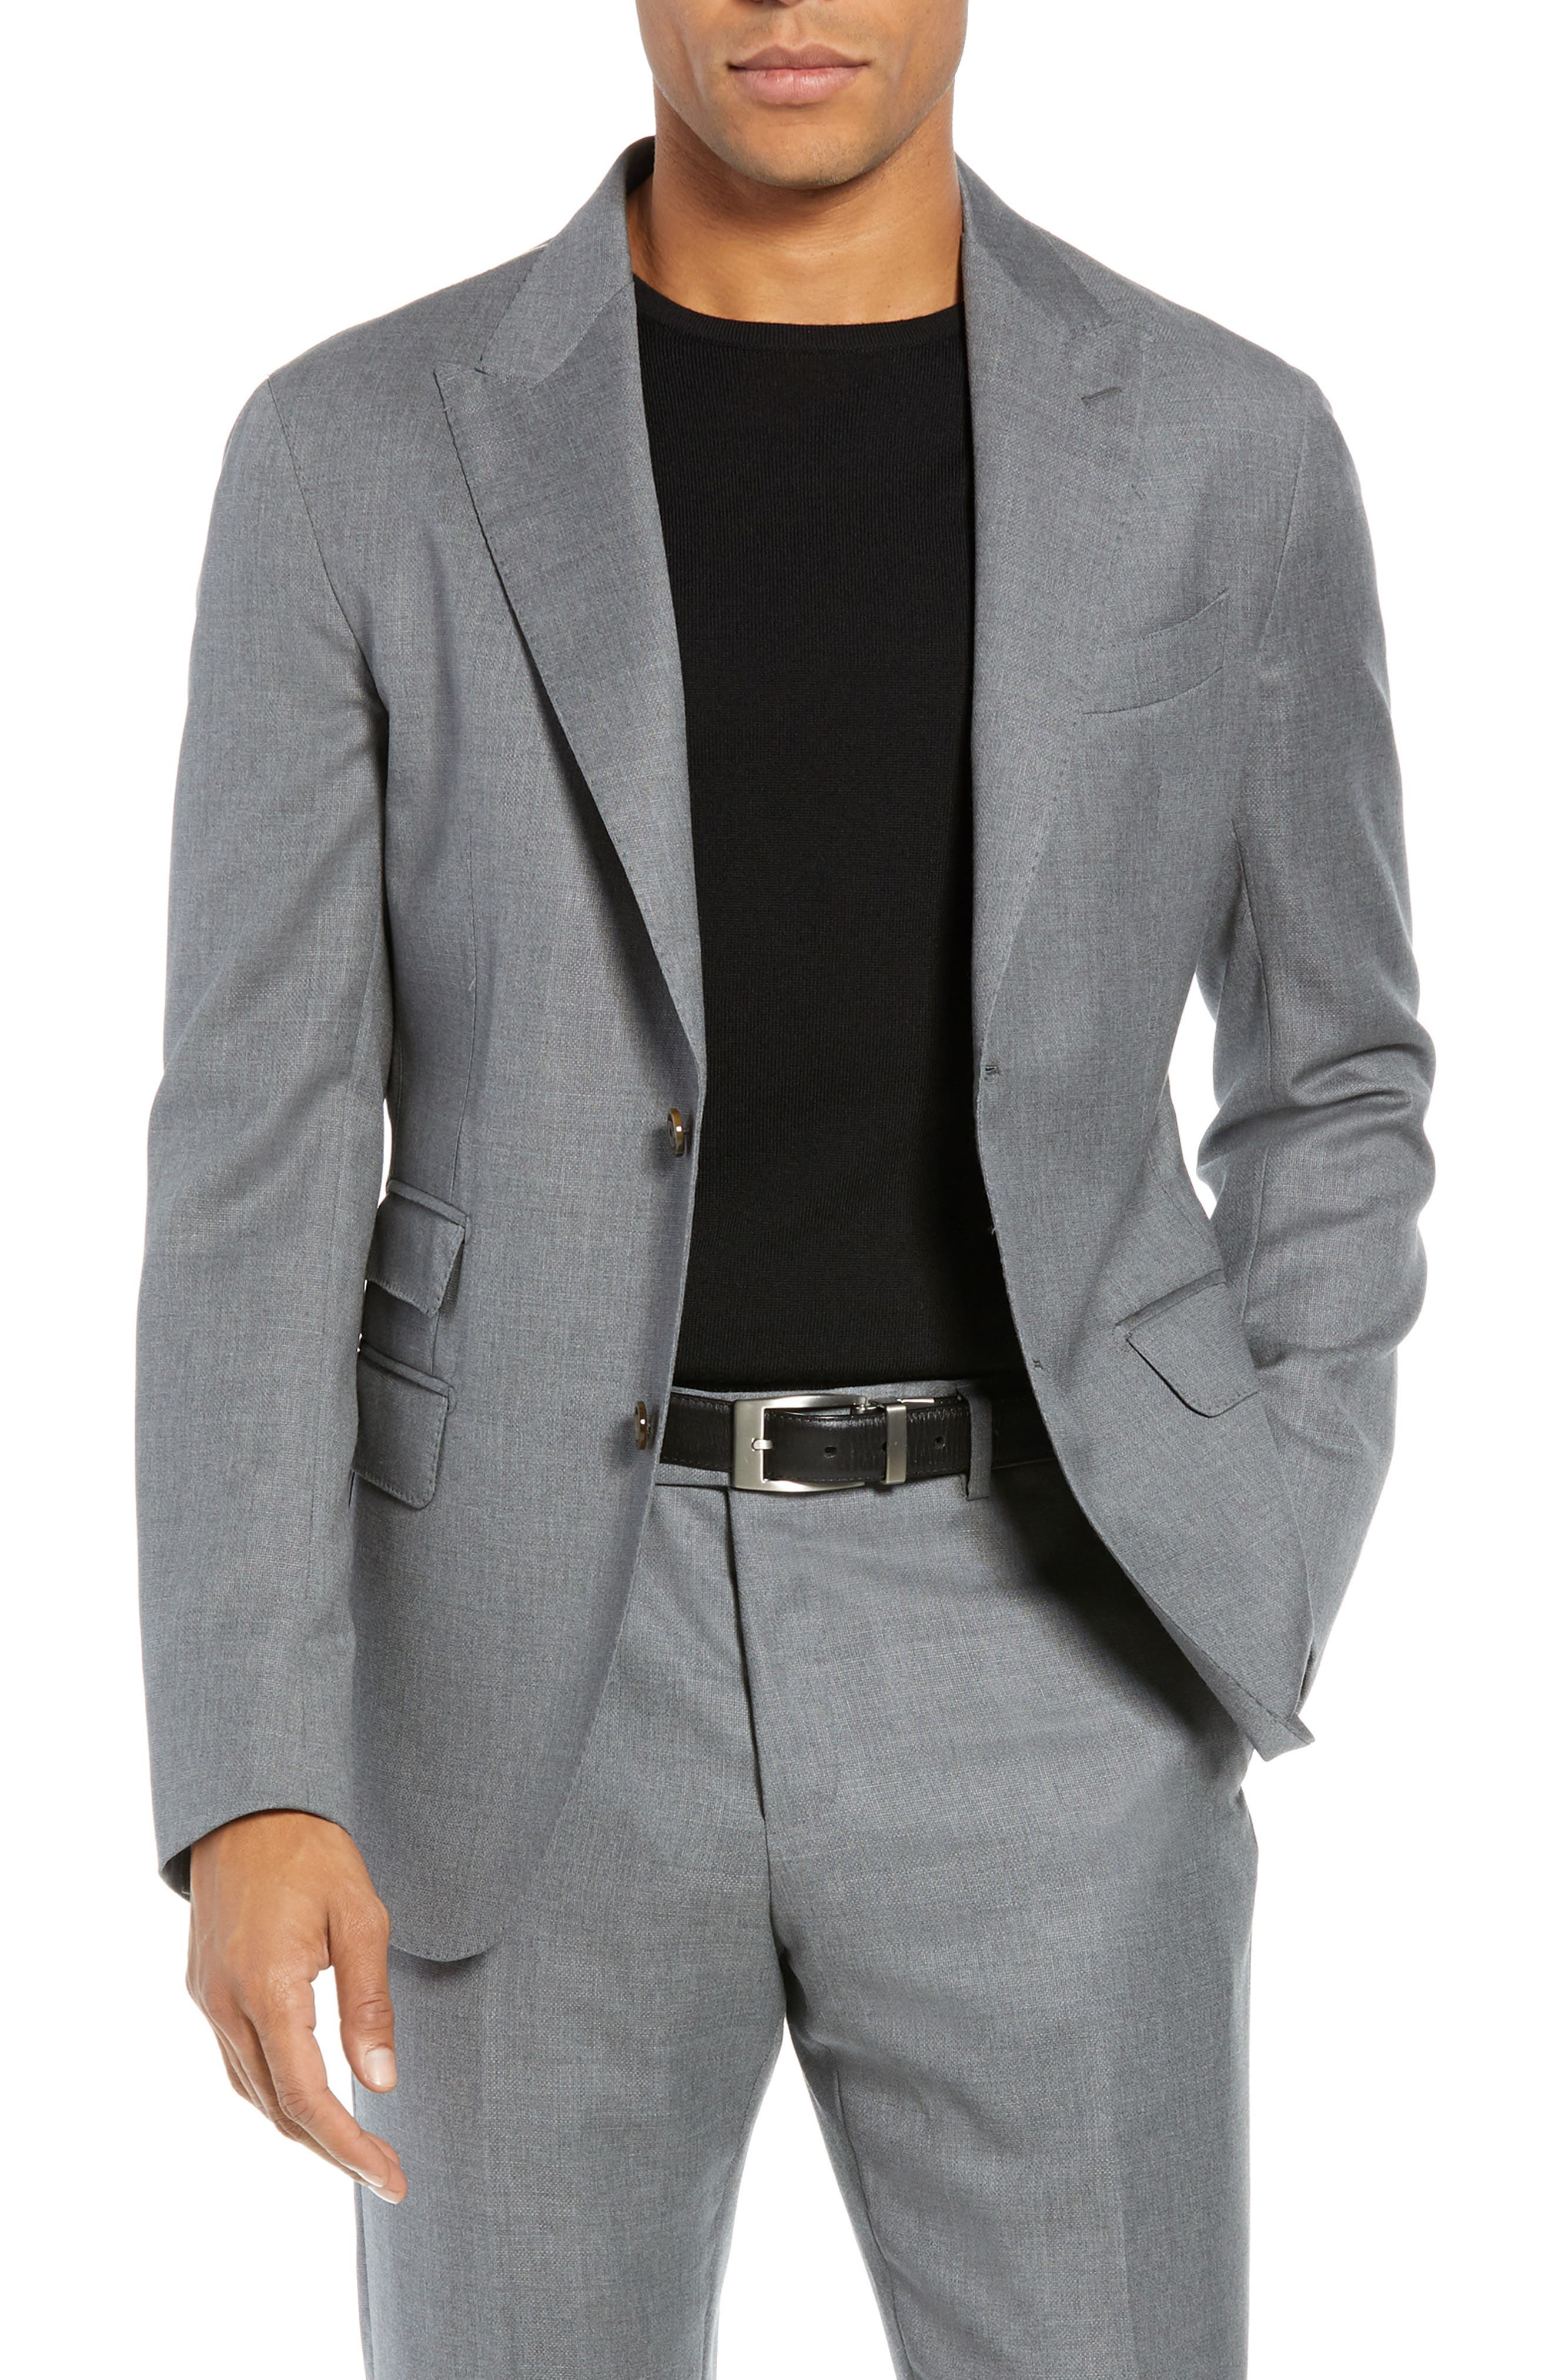 Trim Fit Wool Suit,                             Alternate thumbnail 5, color,                             LIGHT GREY